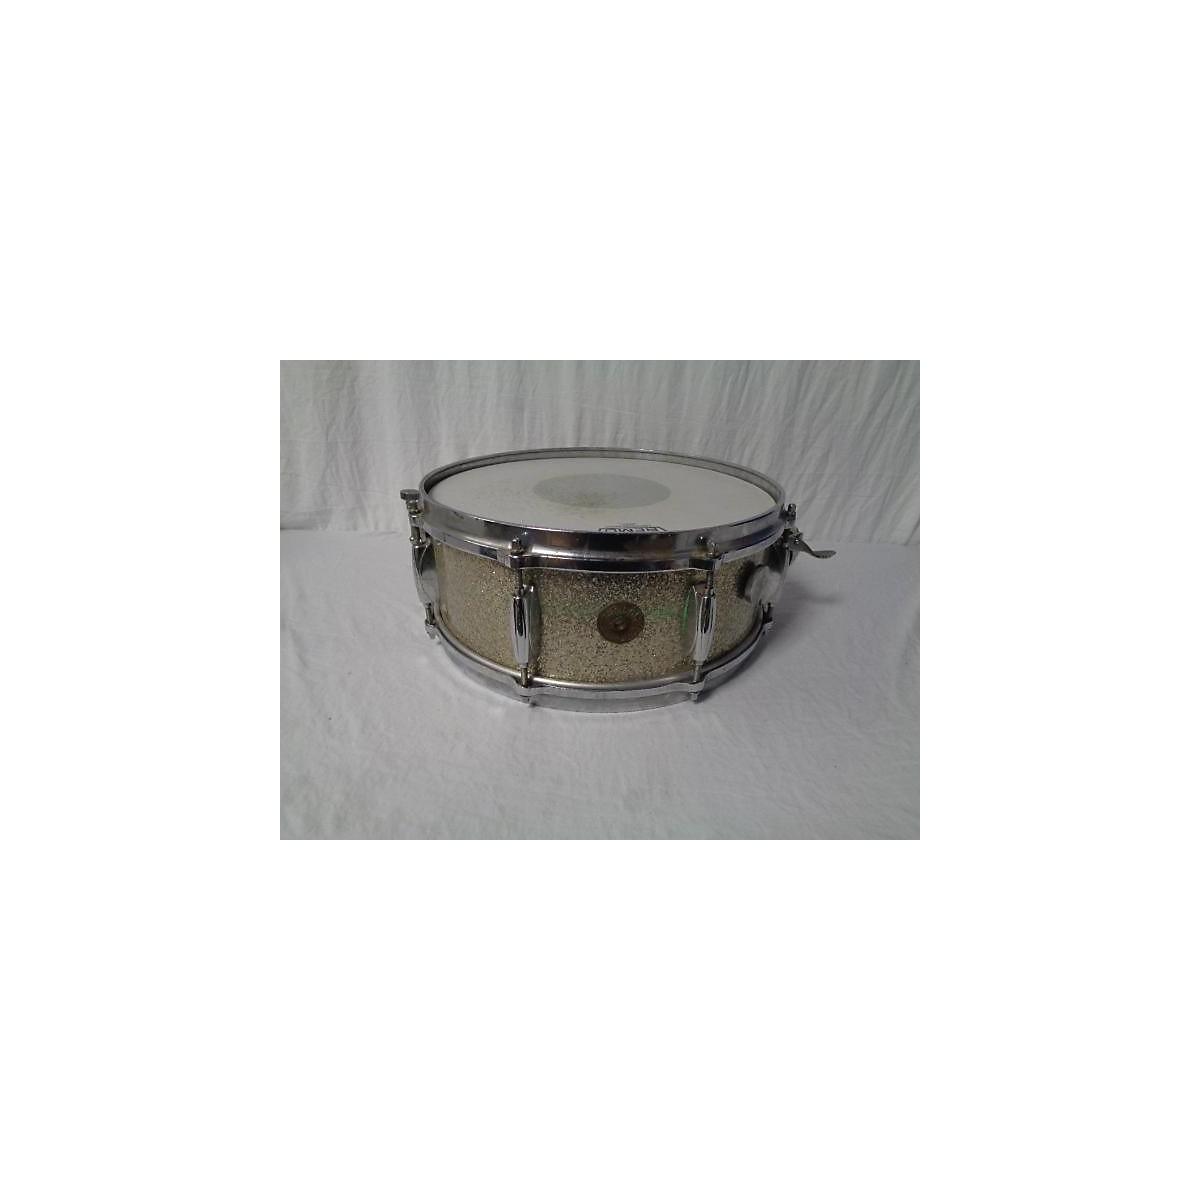 Gretsch Drums 14X5.5 Roundbadge Drum